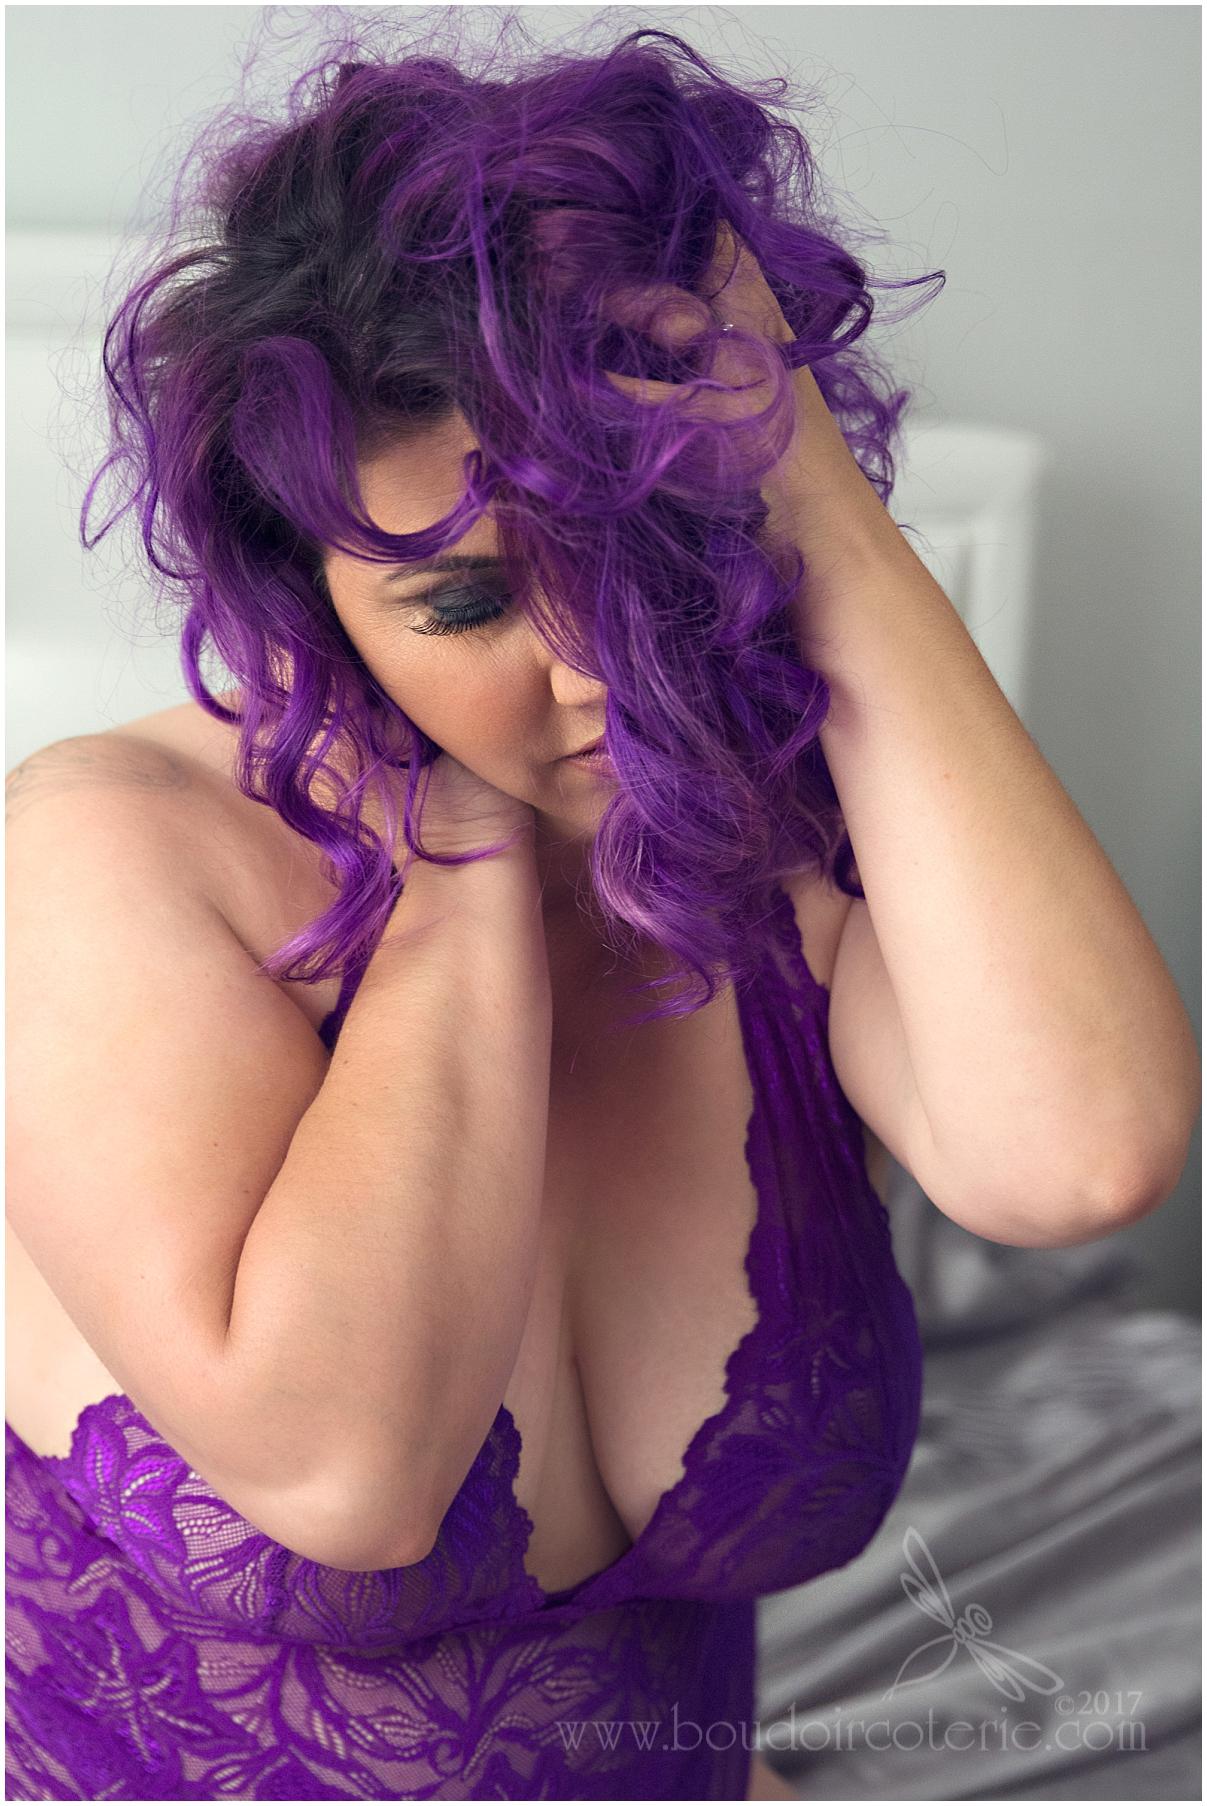 San Jose Boudoir Photographer where to take sexy photos Best portraits